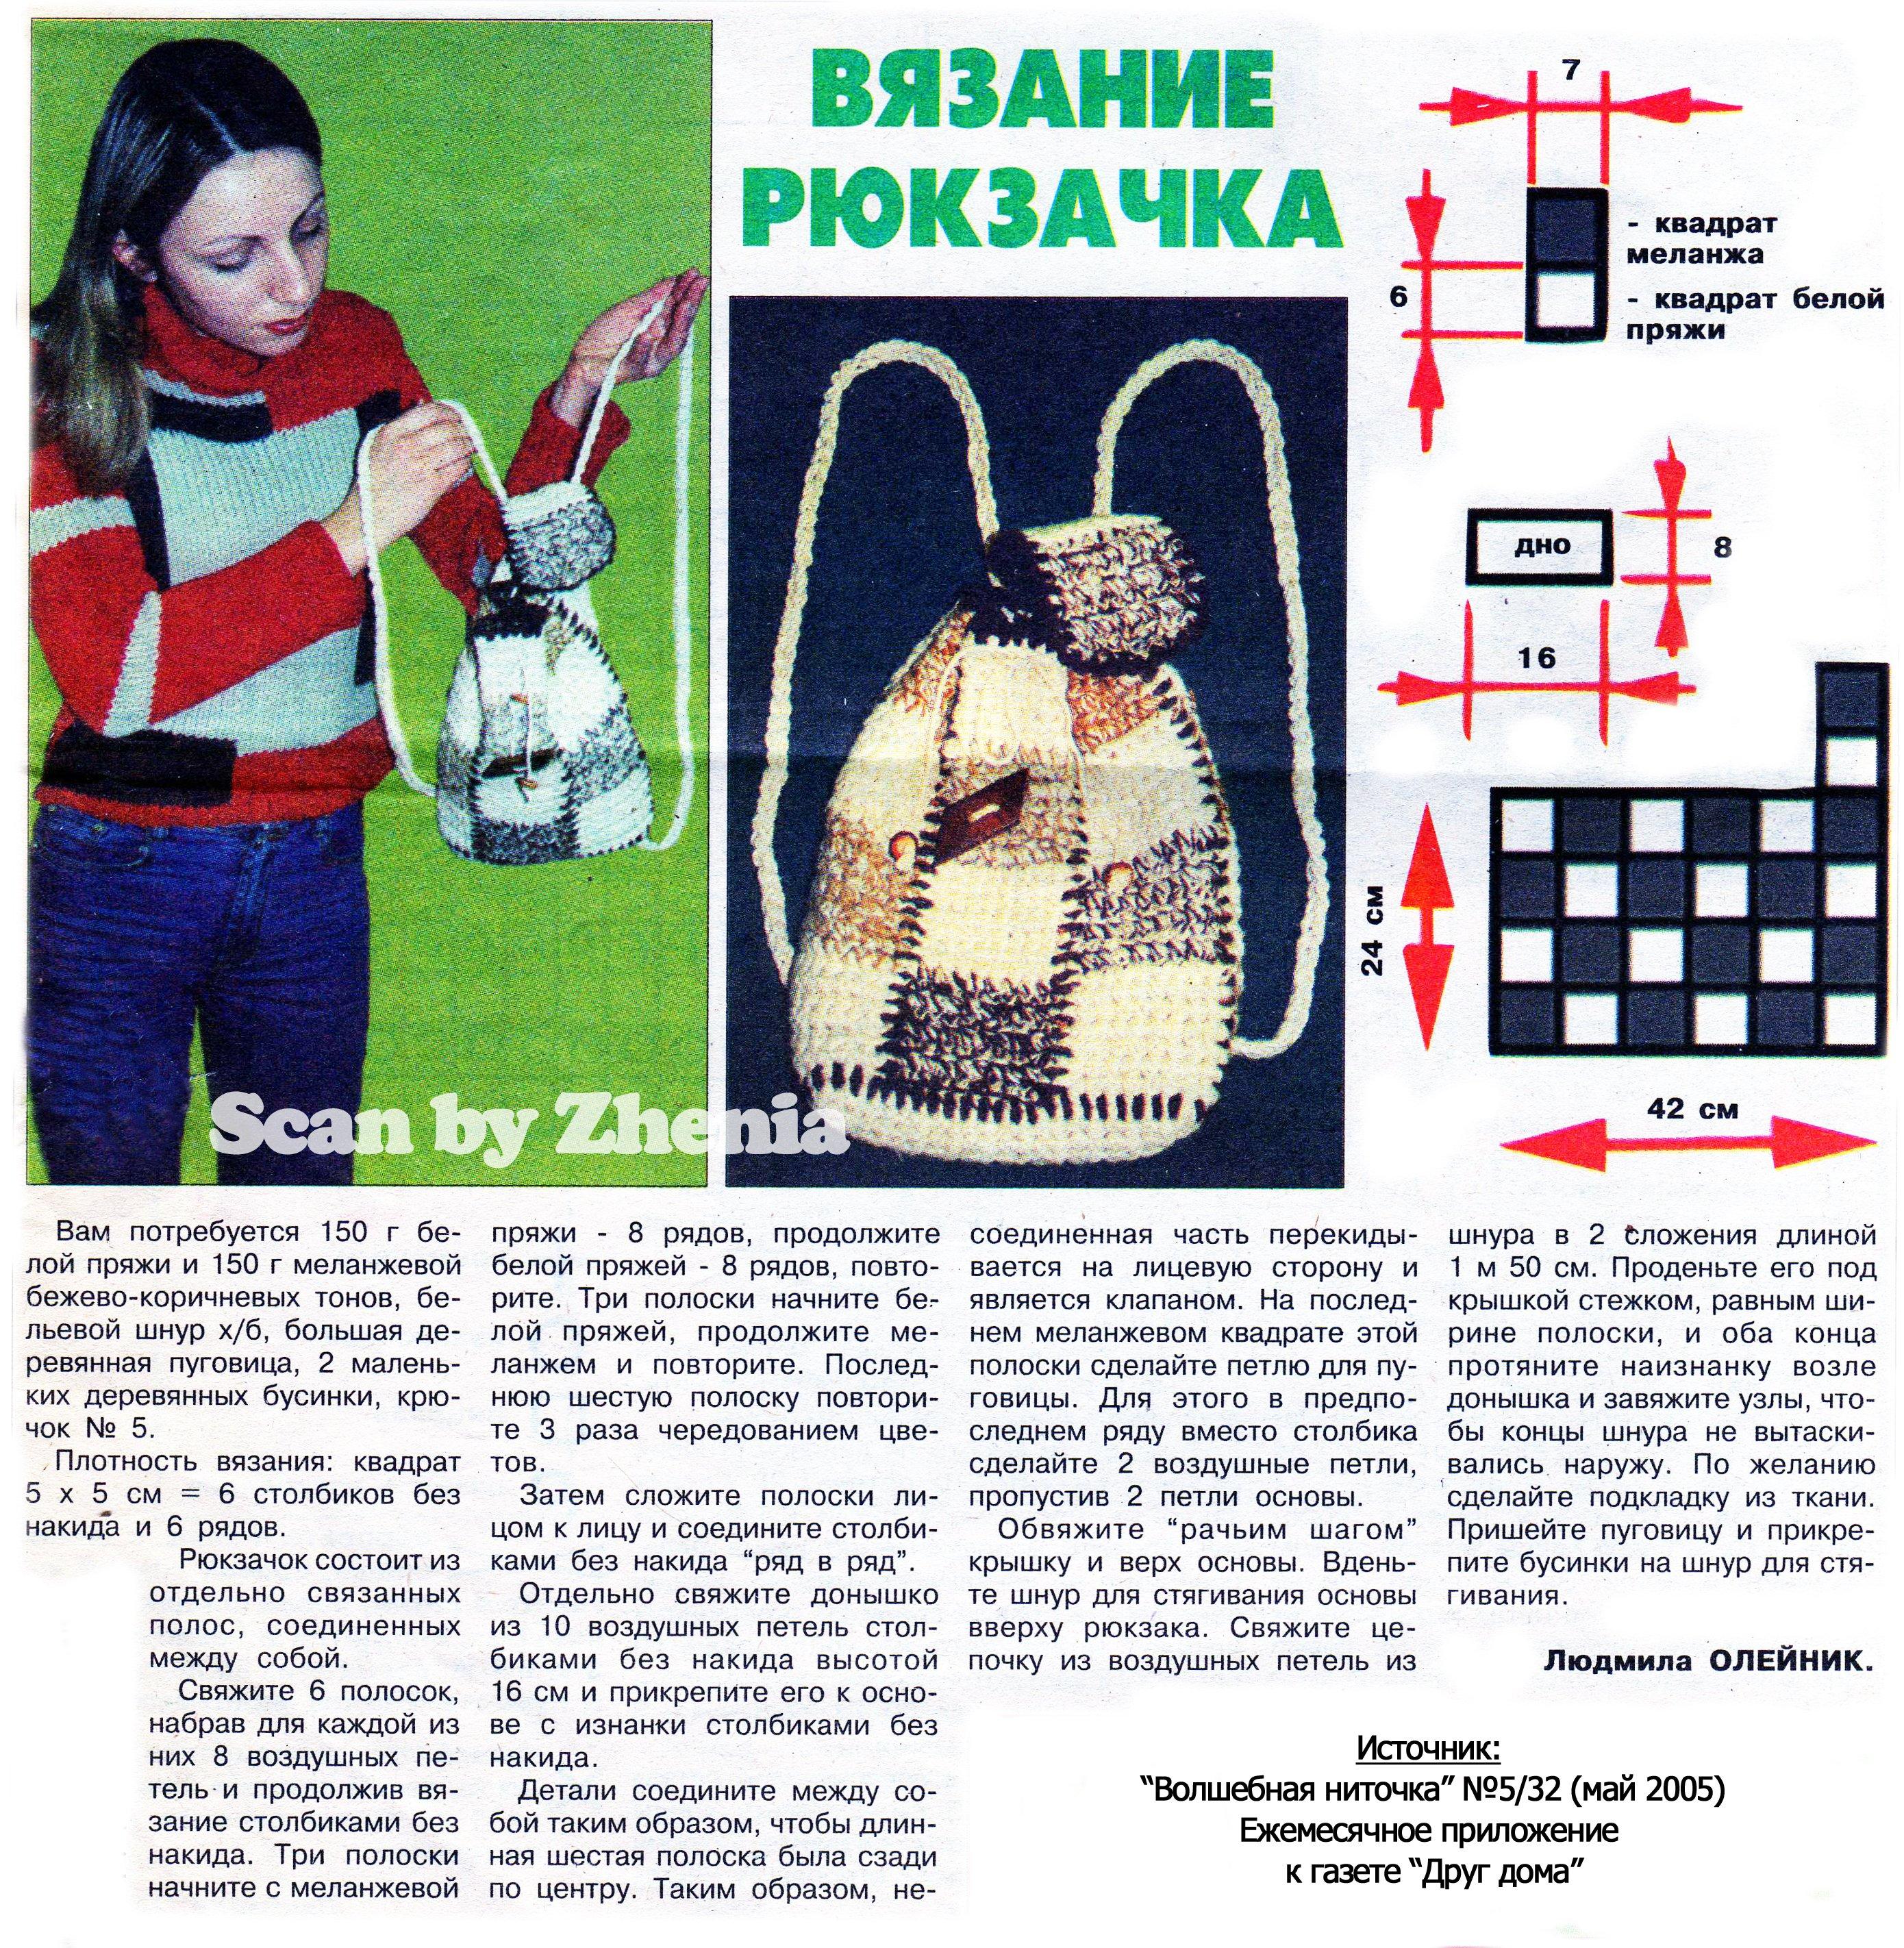 Рюкзак вязанный крючком для девочки схема